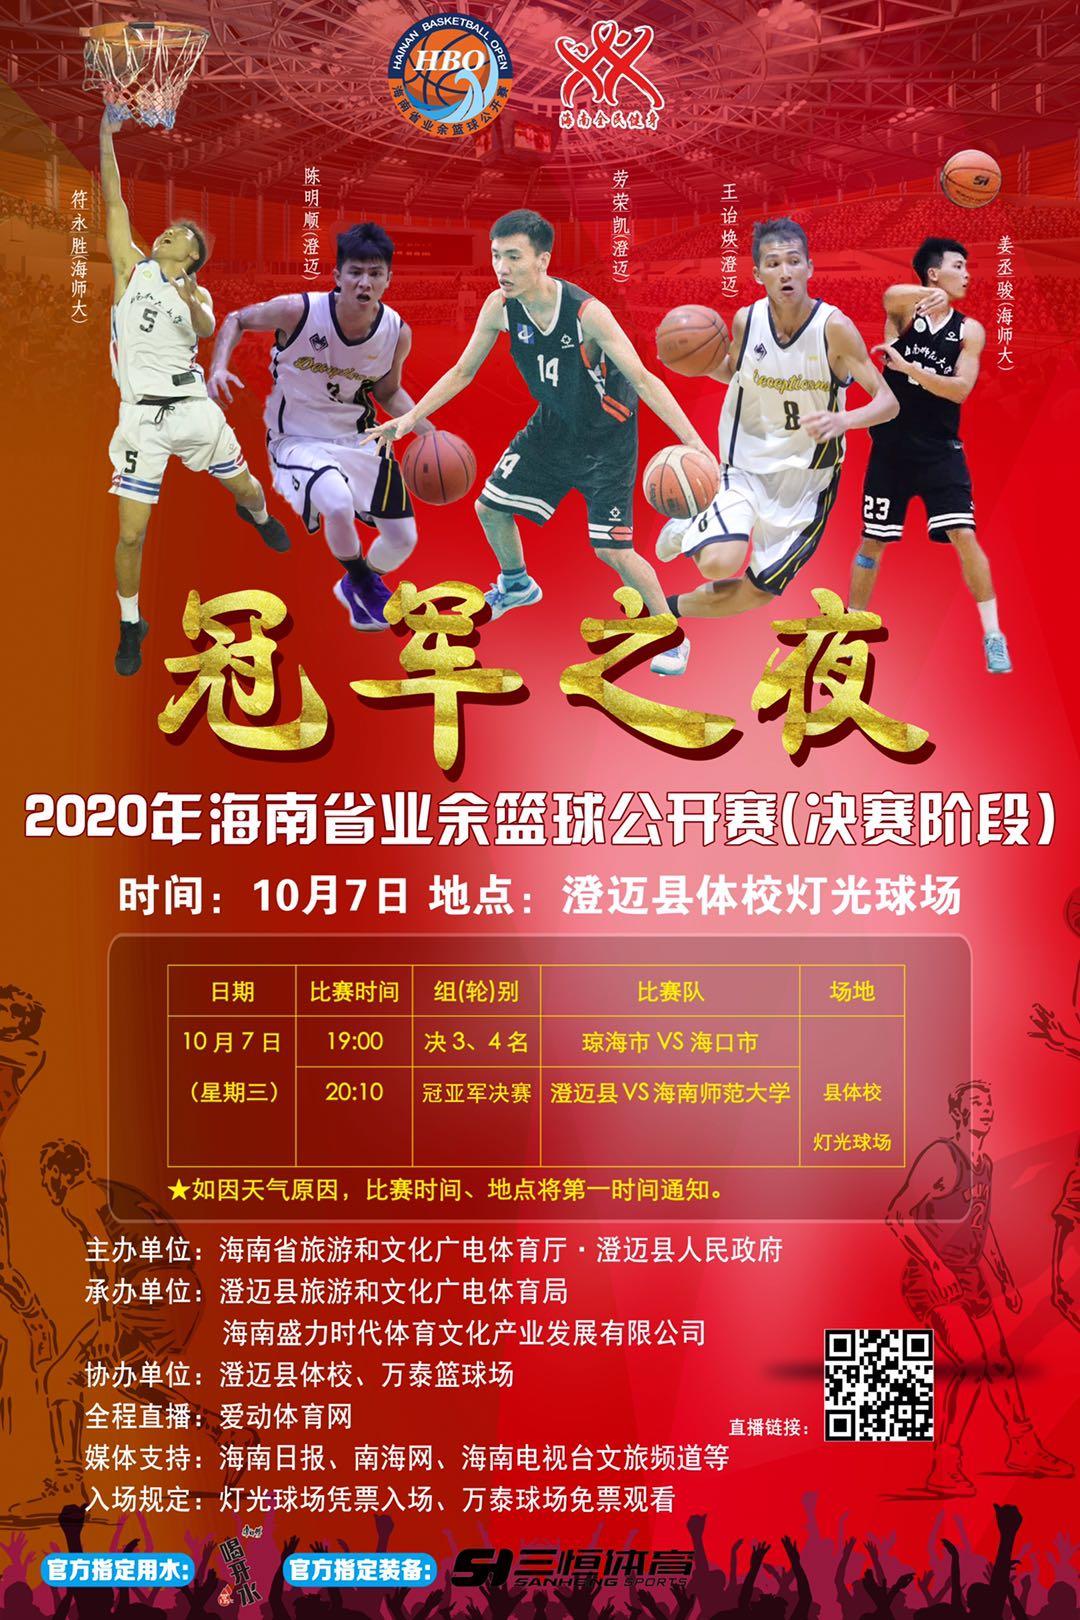 【回放】2020年海南省业余篮球公开赛 7日 澄迈赛区